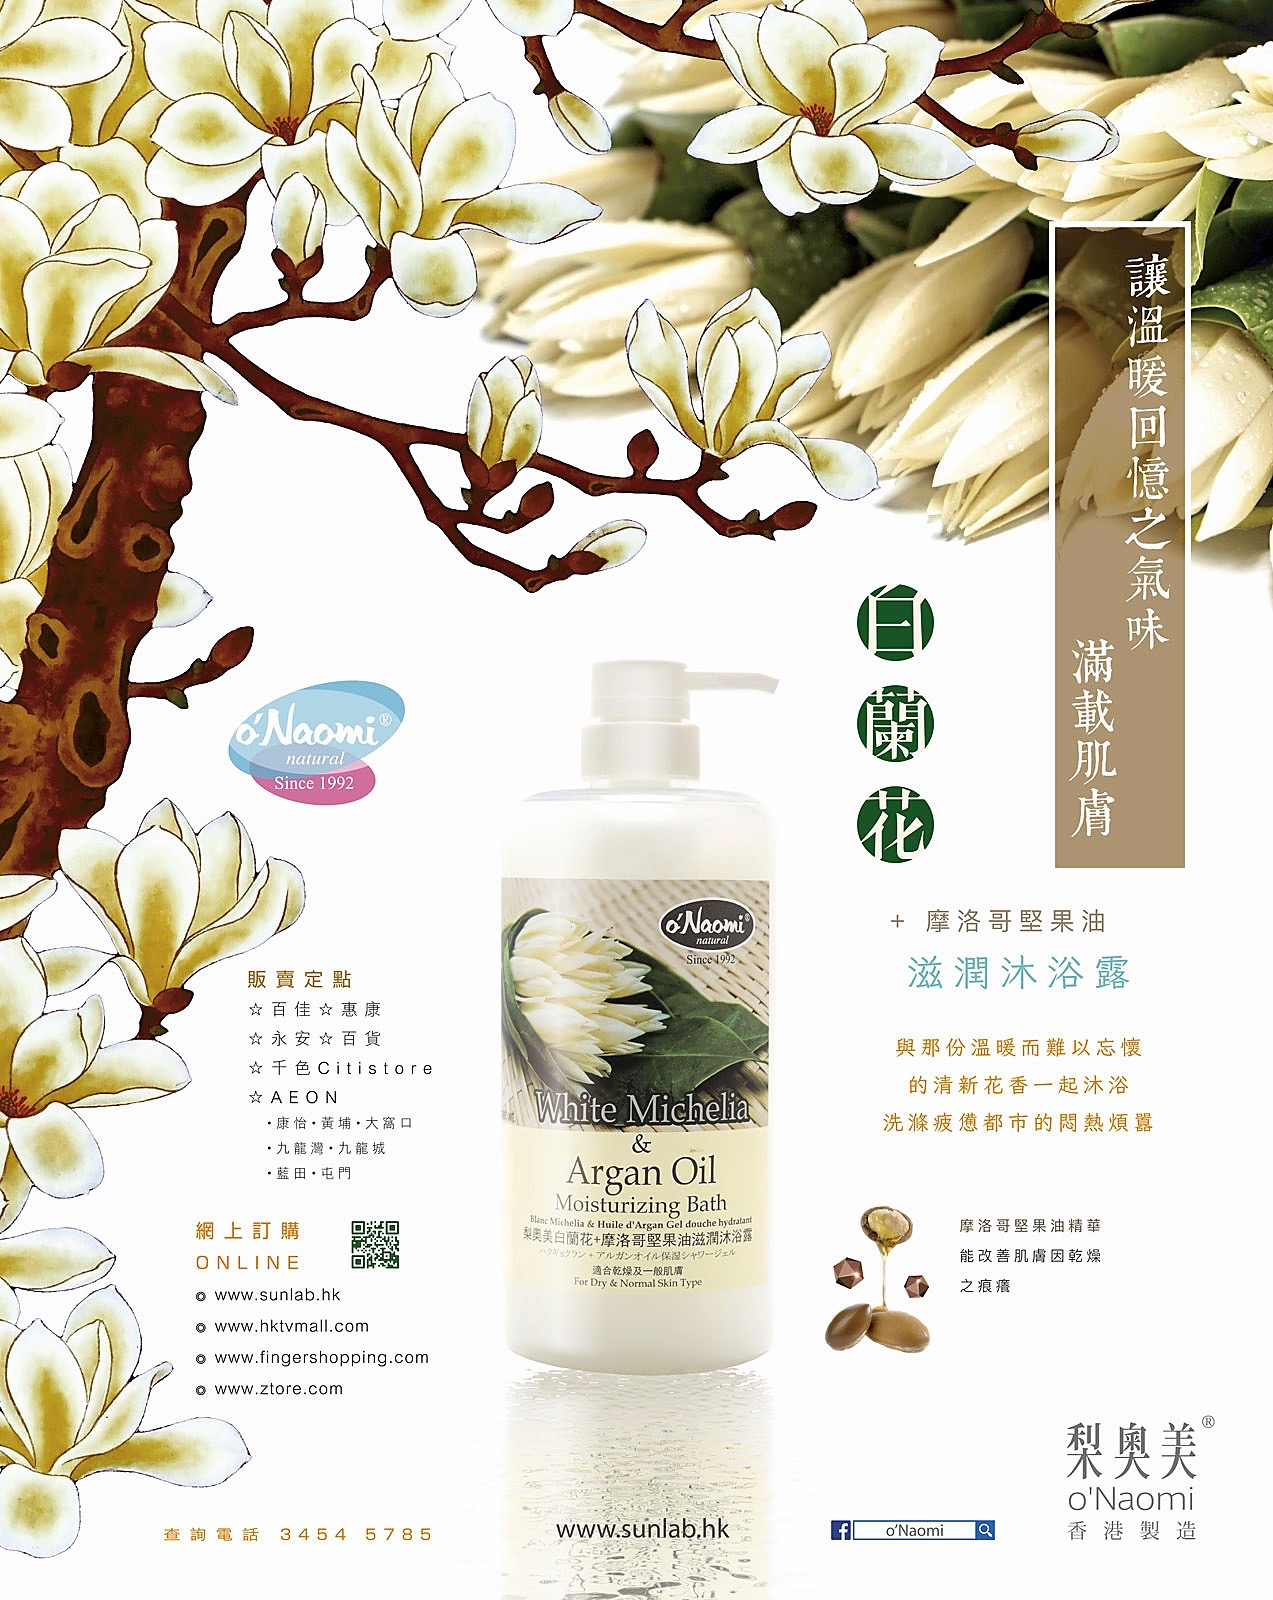 Onaomi White Michelia Argan Oil Bath 02